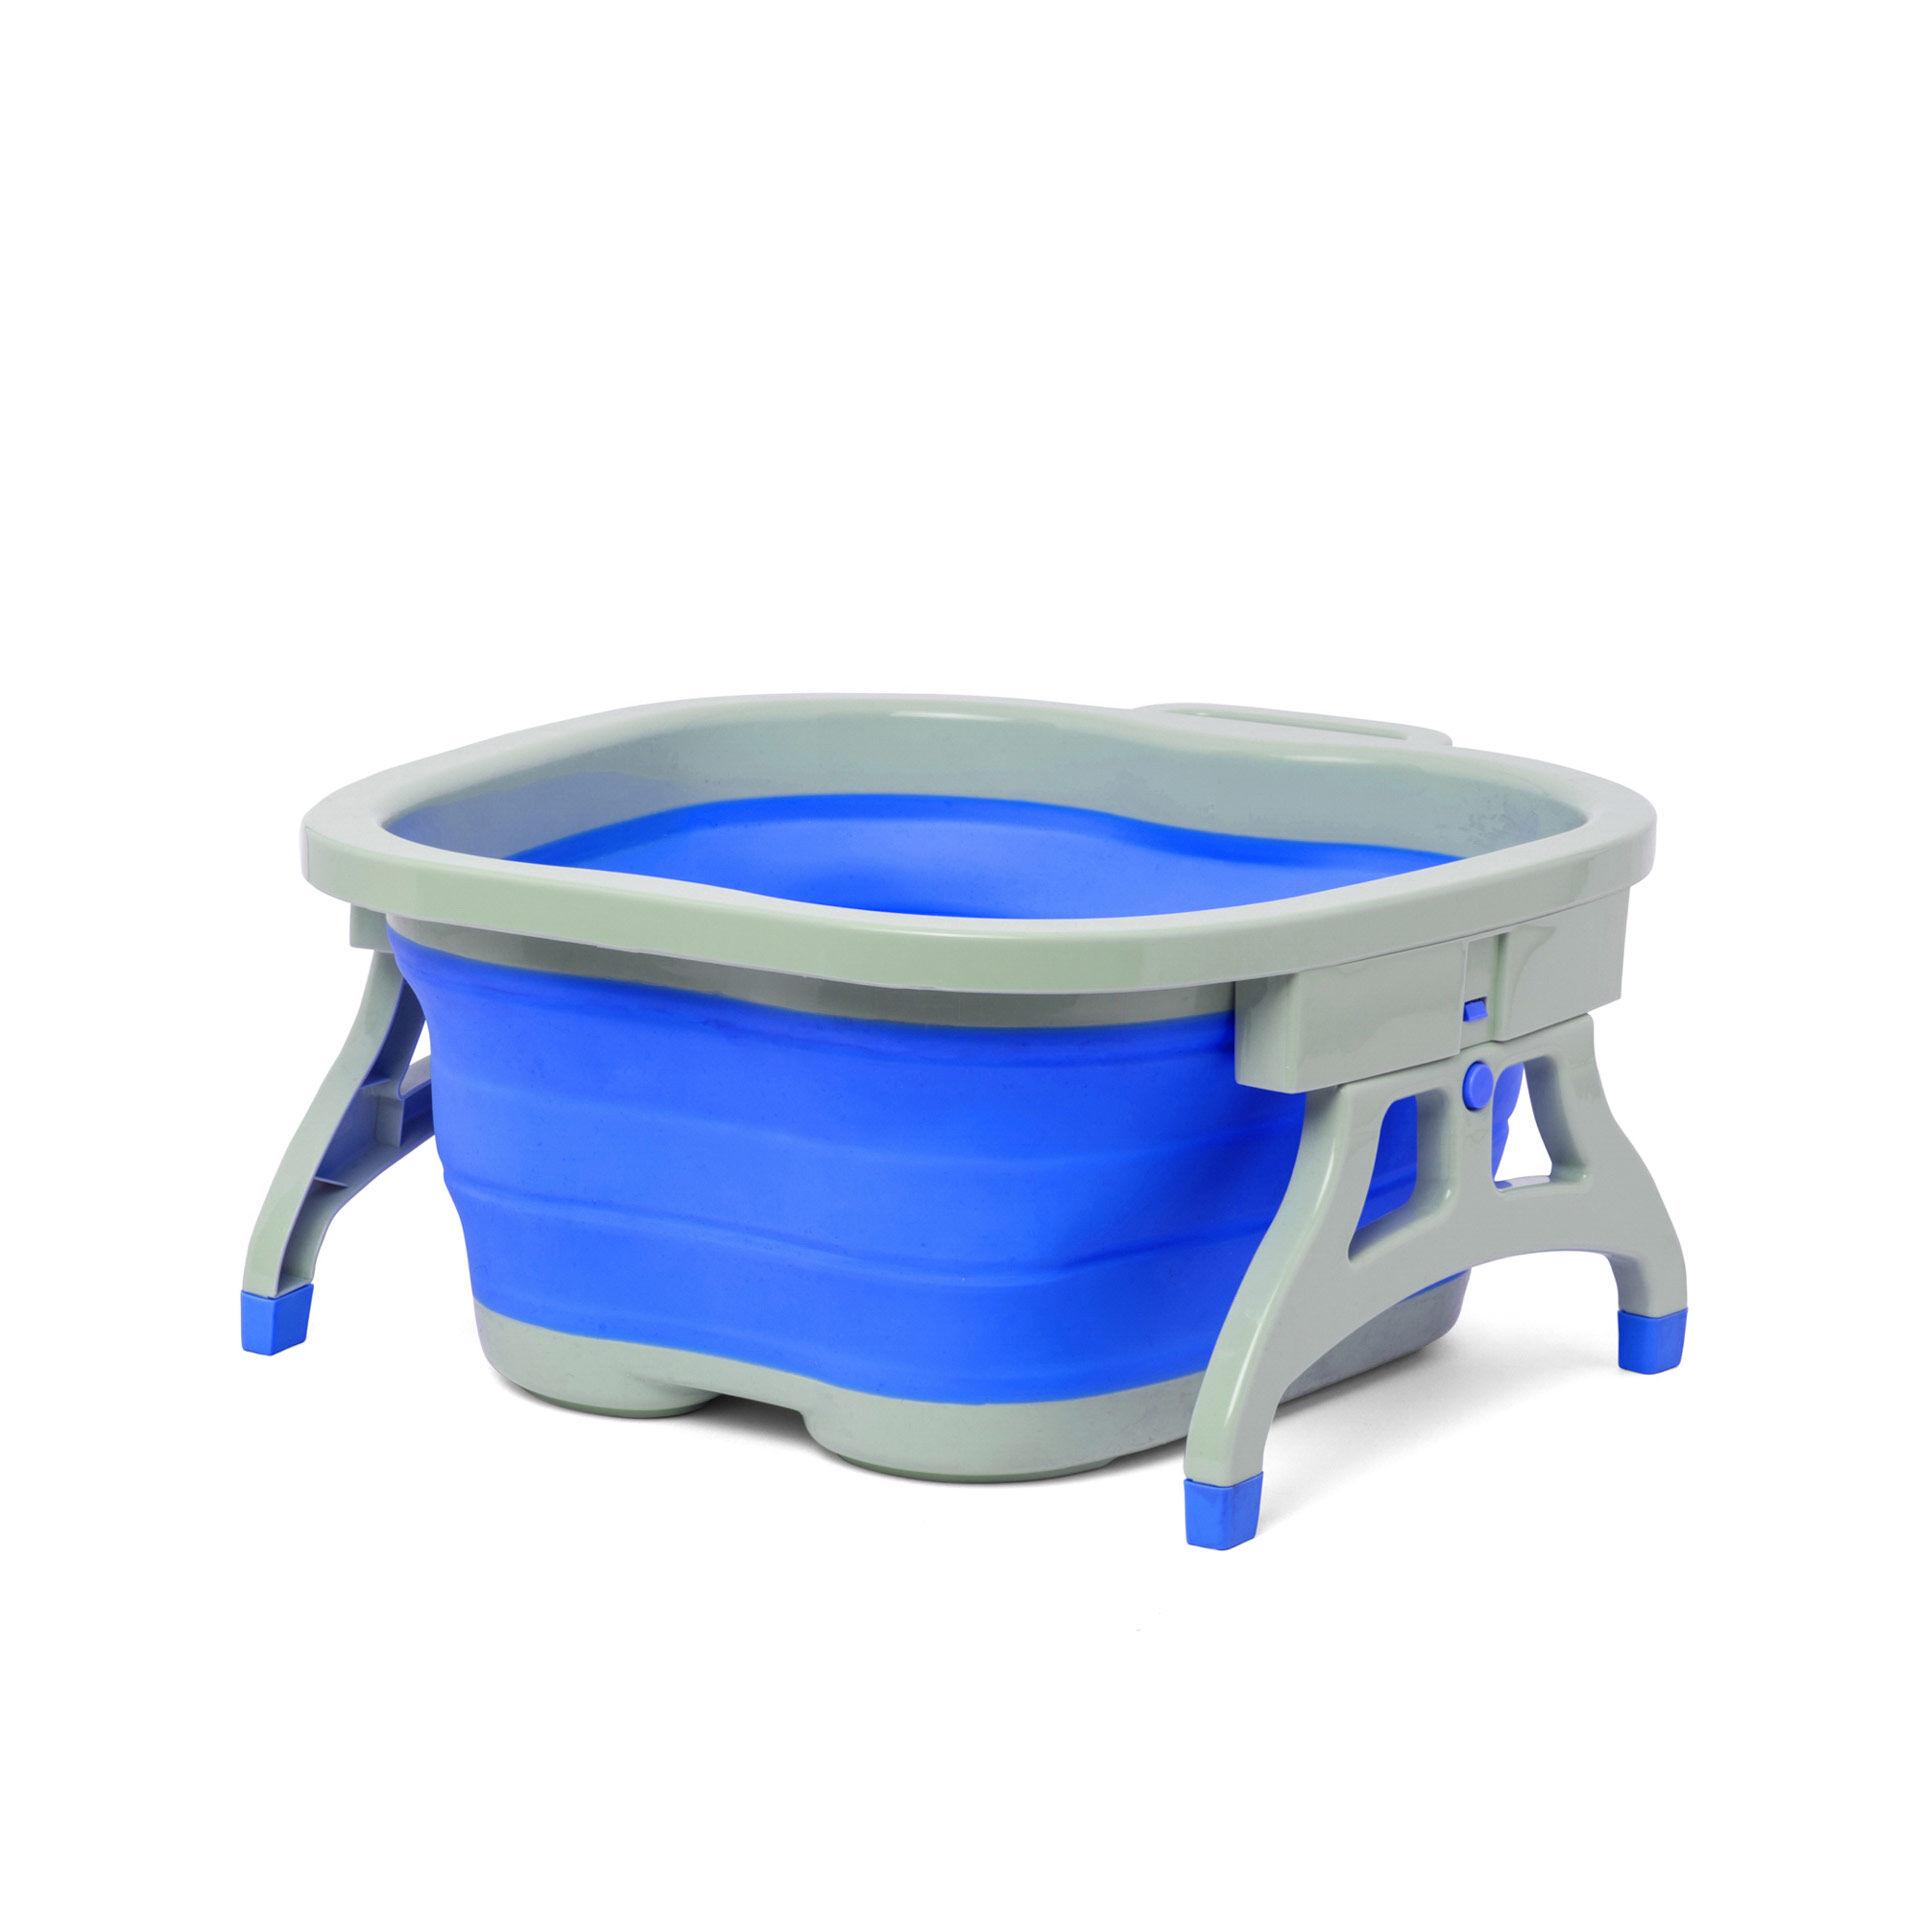 Petite bassine pliante pour bain de pieds, , large